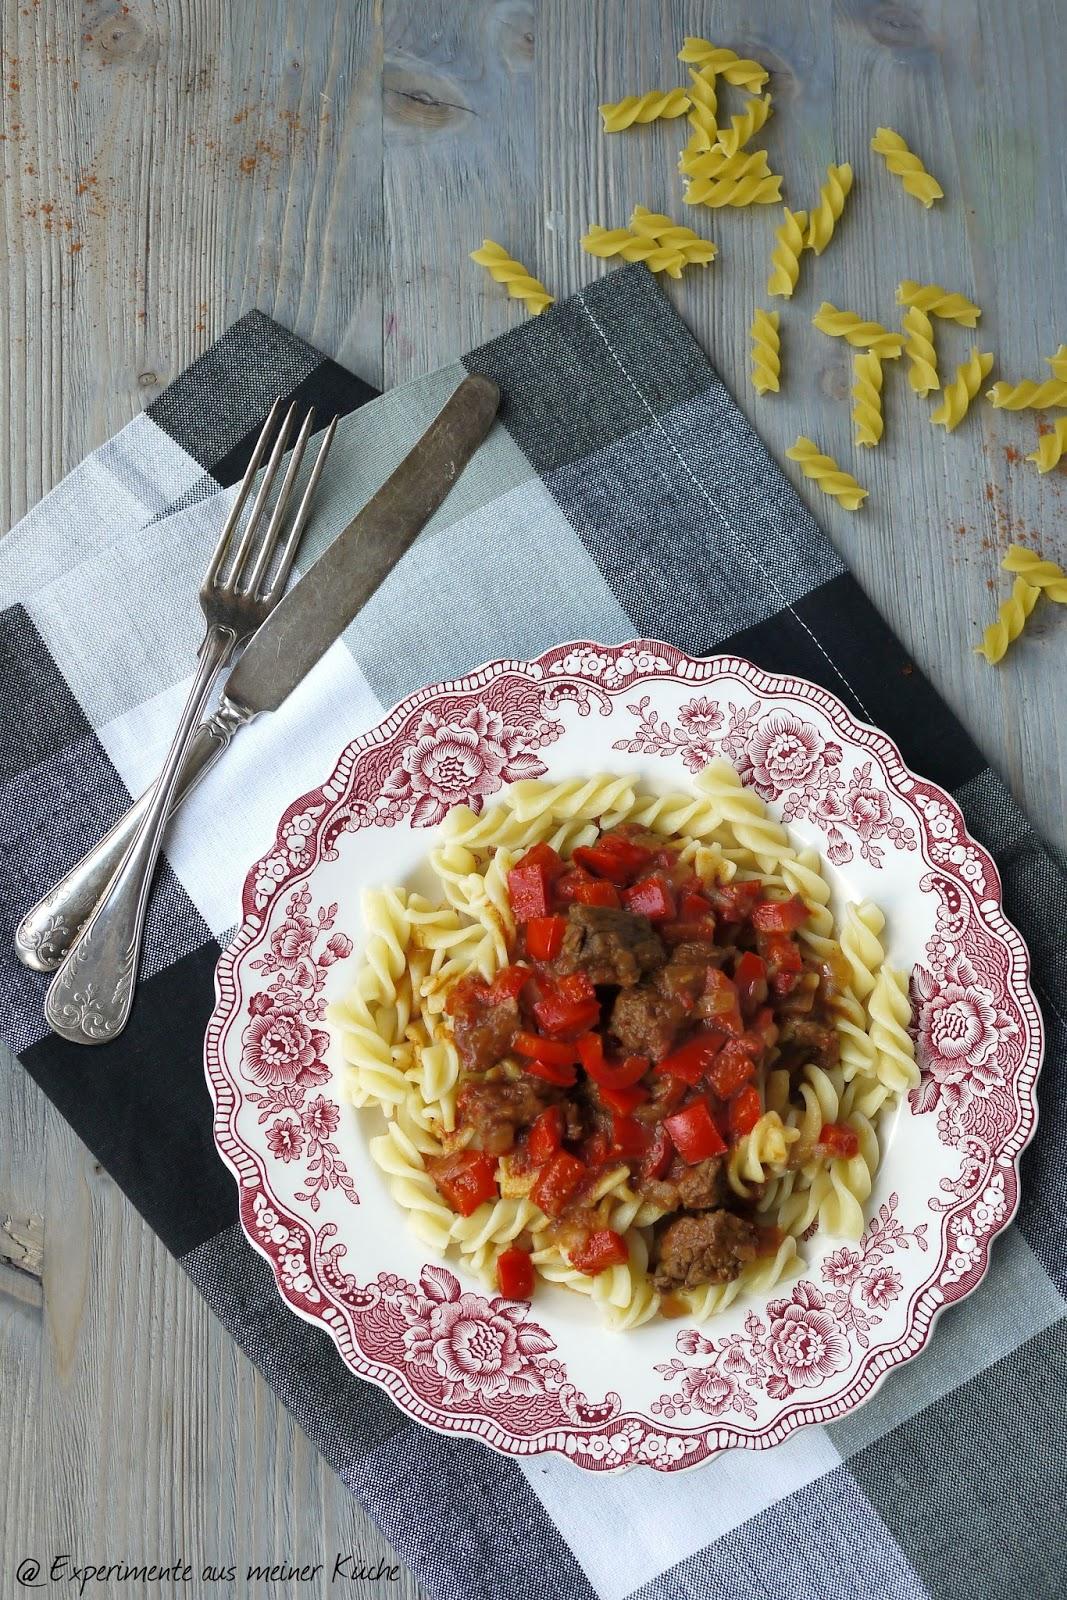 Experimente aus meiner Küche: Saftiges Rindergulasch